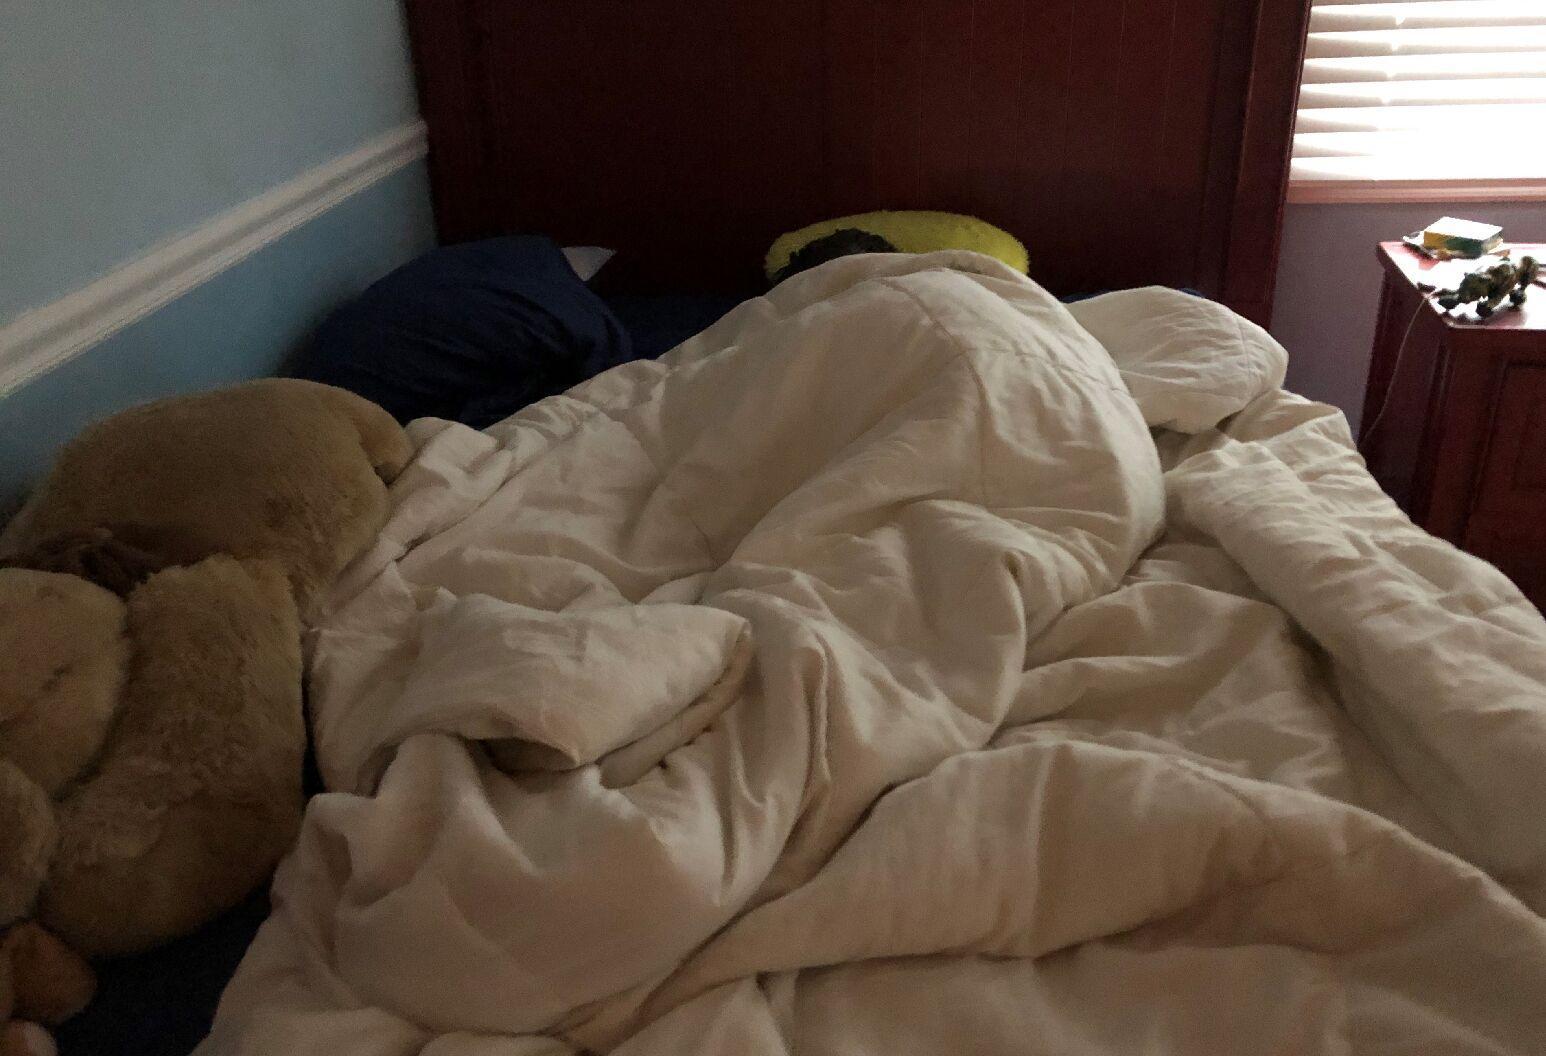 A boy sleeping in bed underneath a blanket